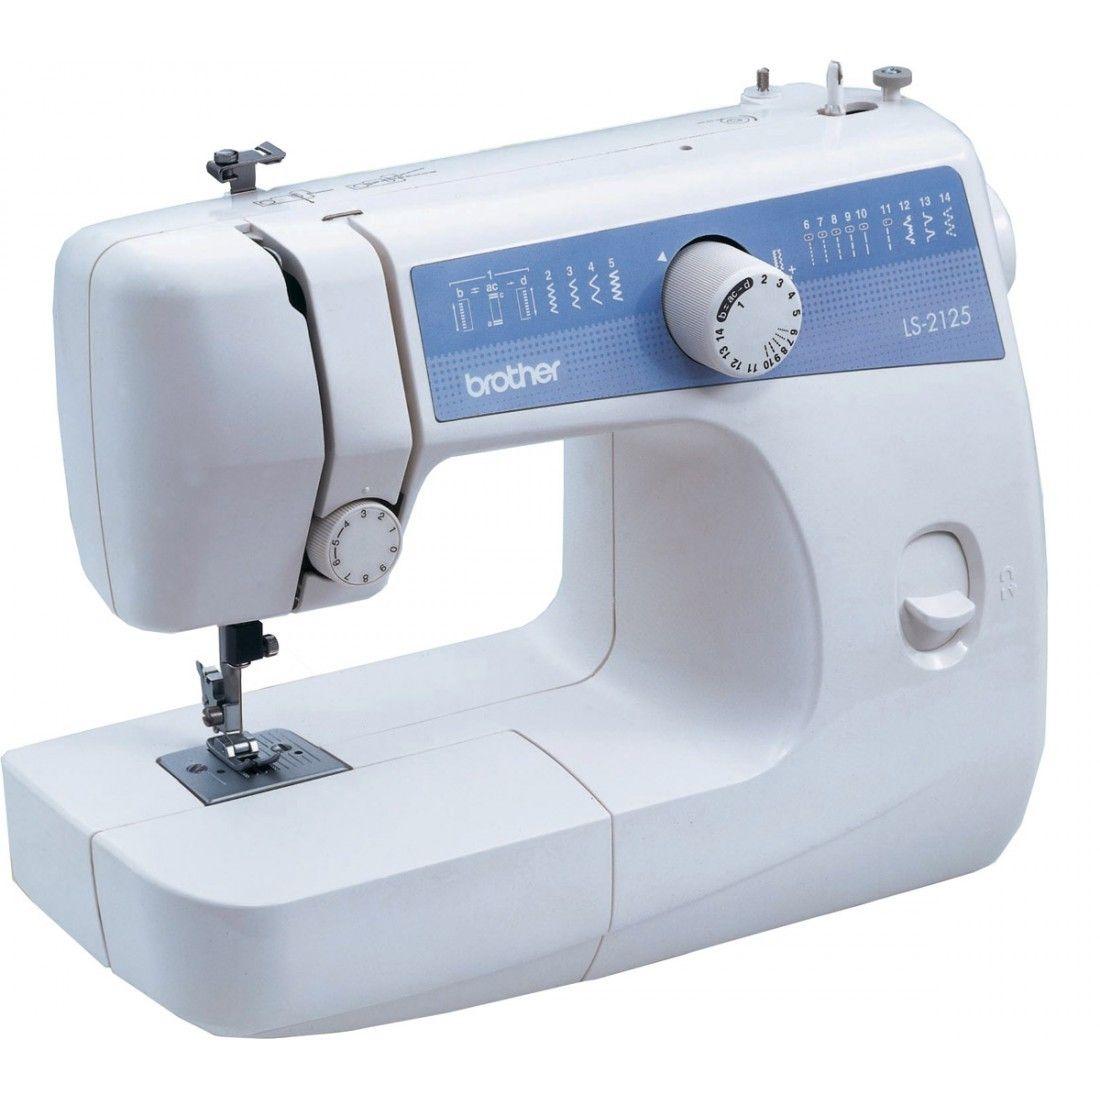 Швейная машина Brother LS2125 от Ravta